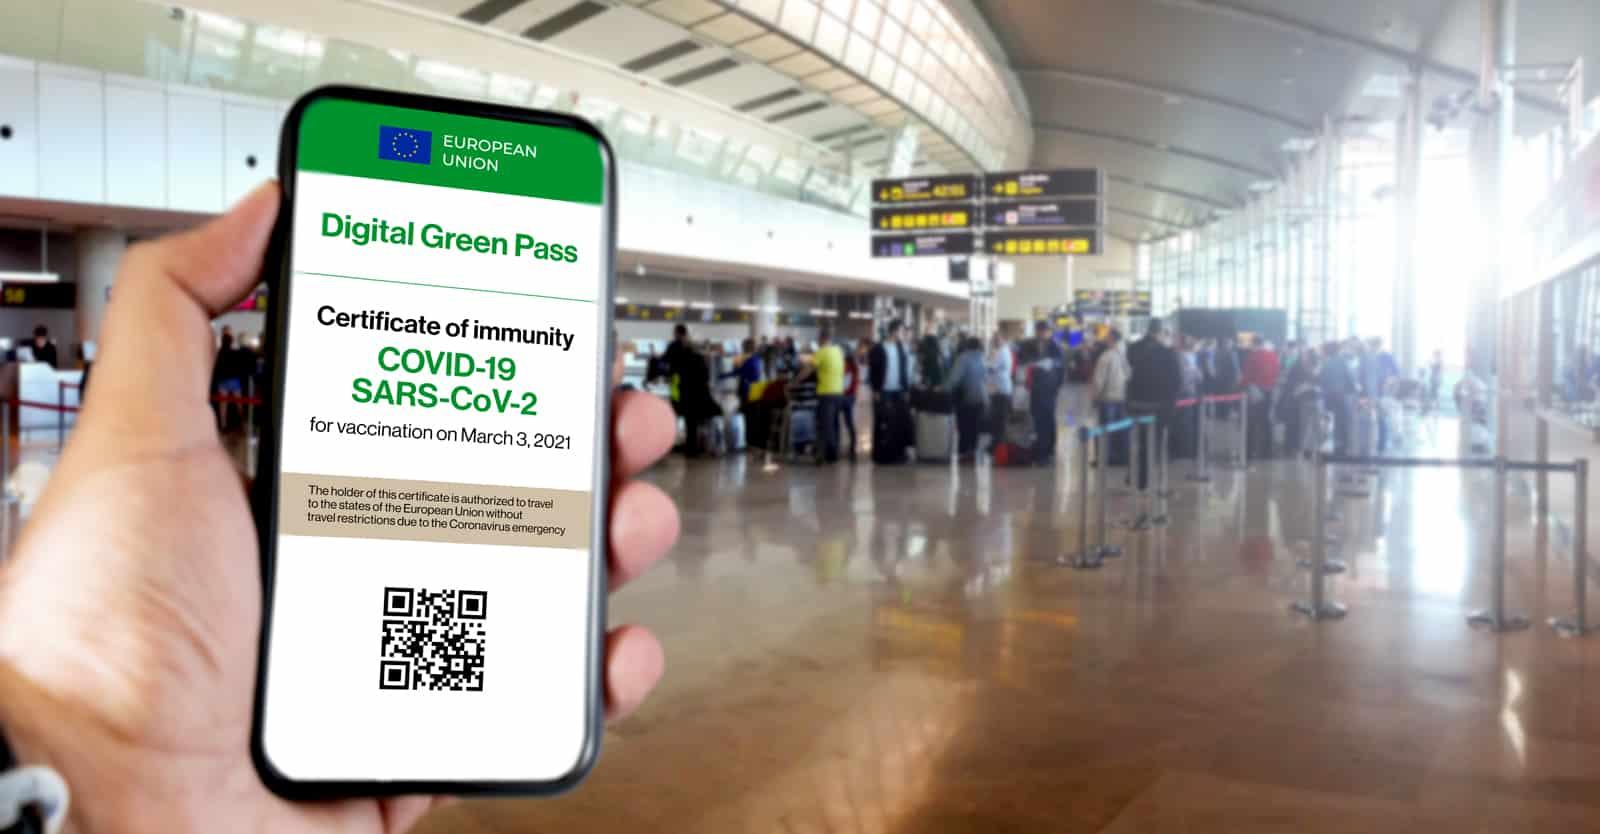 ໃບຮັບຮອງສັກວັກຊິນ ເປັນເຄື່ອງມີການເດີນທາງແບບໃໝ່ທົ່ວໂລກ - EU vote Green Pass feature - ໃບຮັບຮອງສັກວັກຊິນ ເປັນເຄື່ອງມີການເດີນທາງແບບໃໝ່ທົ່ວໂລກ